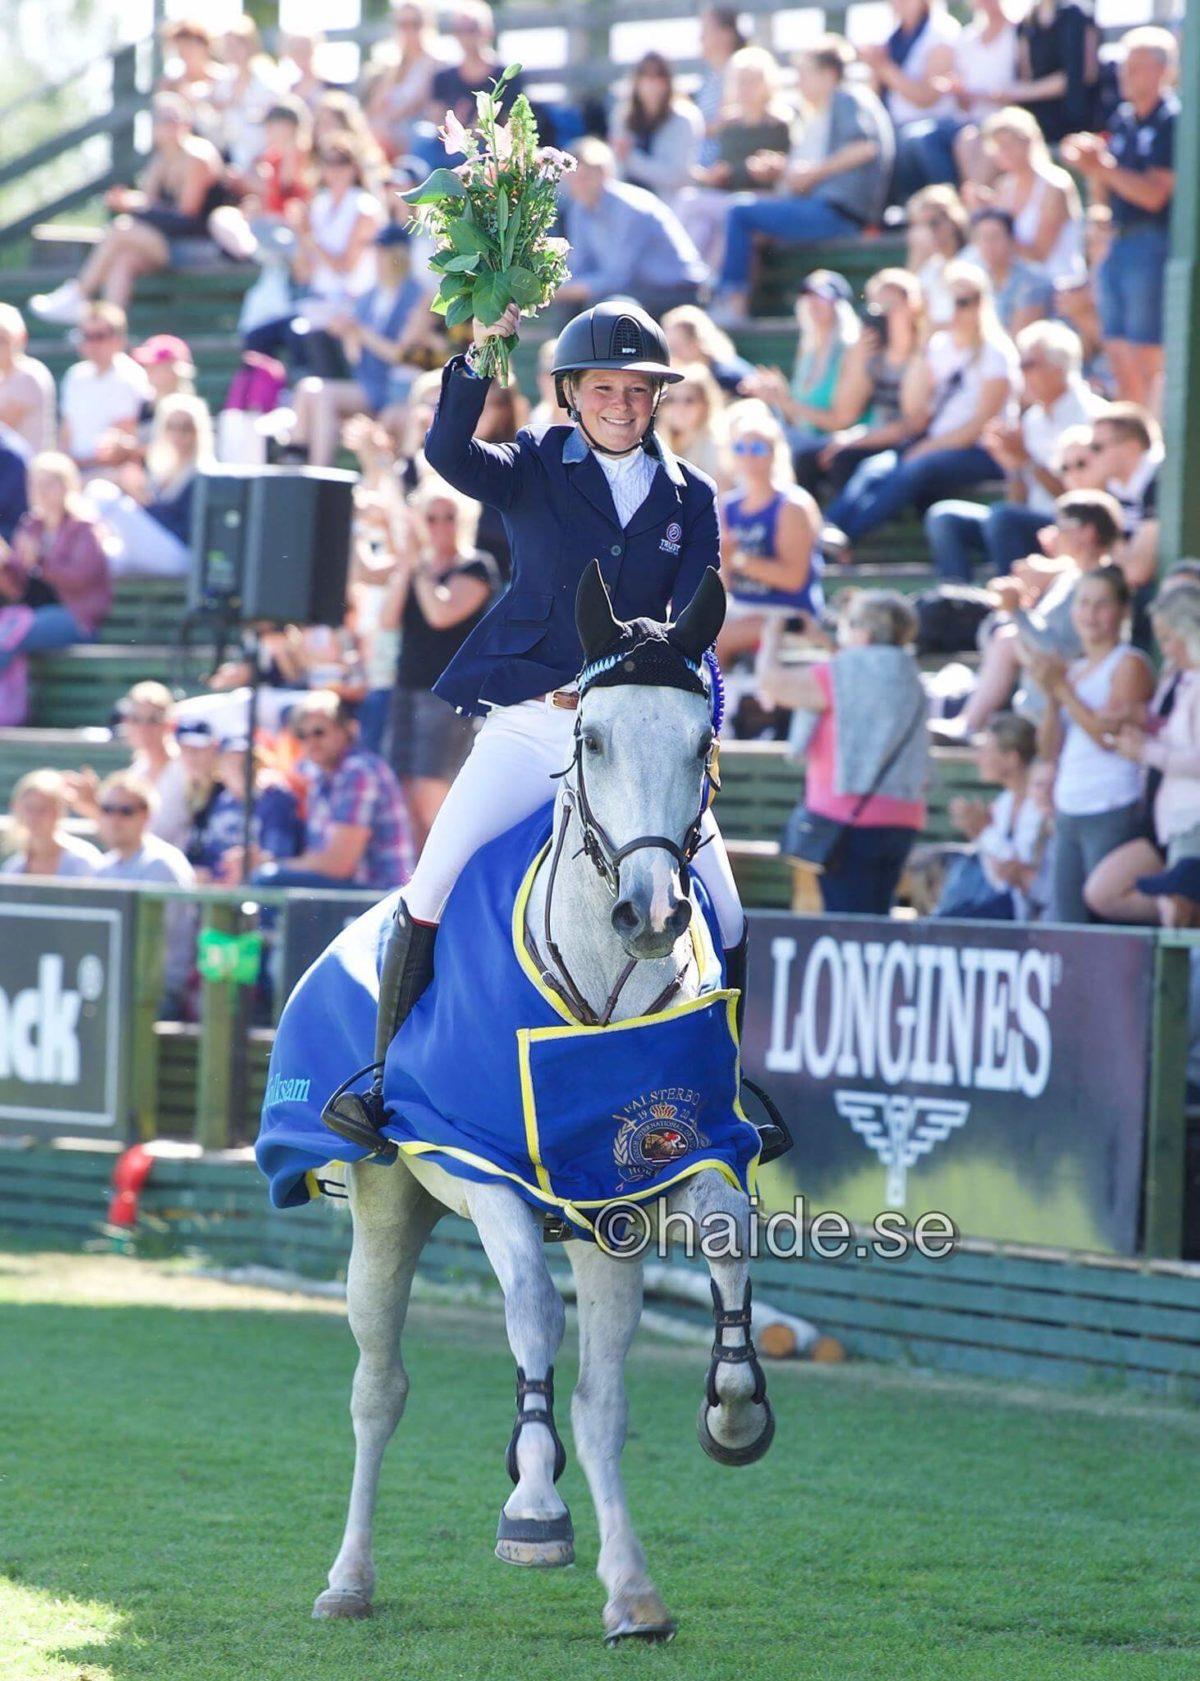 Ryttare på en häst sträcker upp en blombukett i luften på en tävling